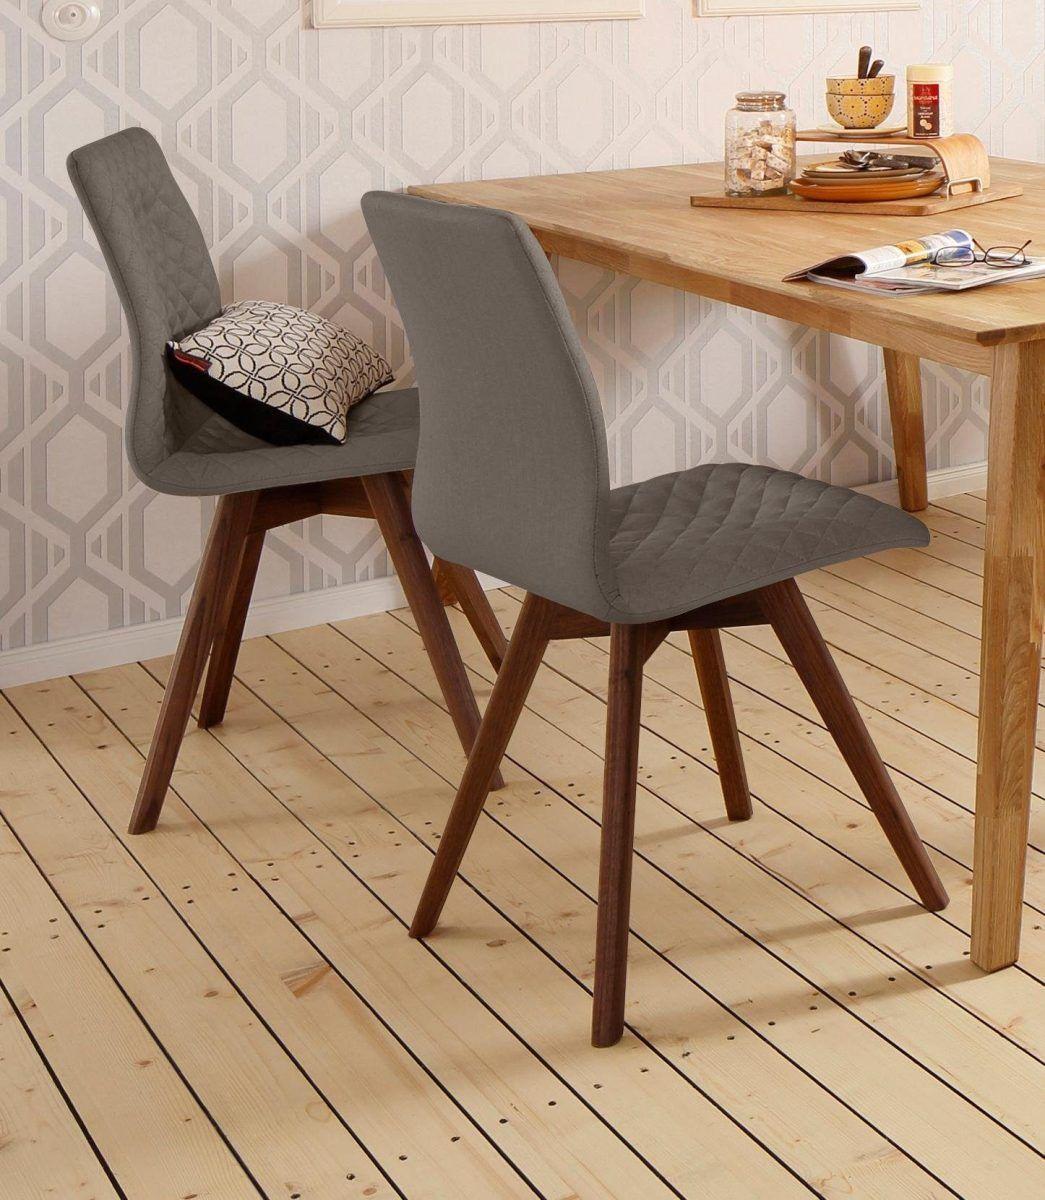 ANDAS Stühle braun, Beine Nussbaum, »Rania«, FSC®-zertifiziert Jetzt ...